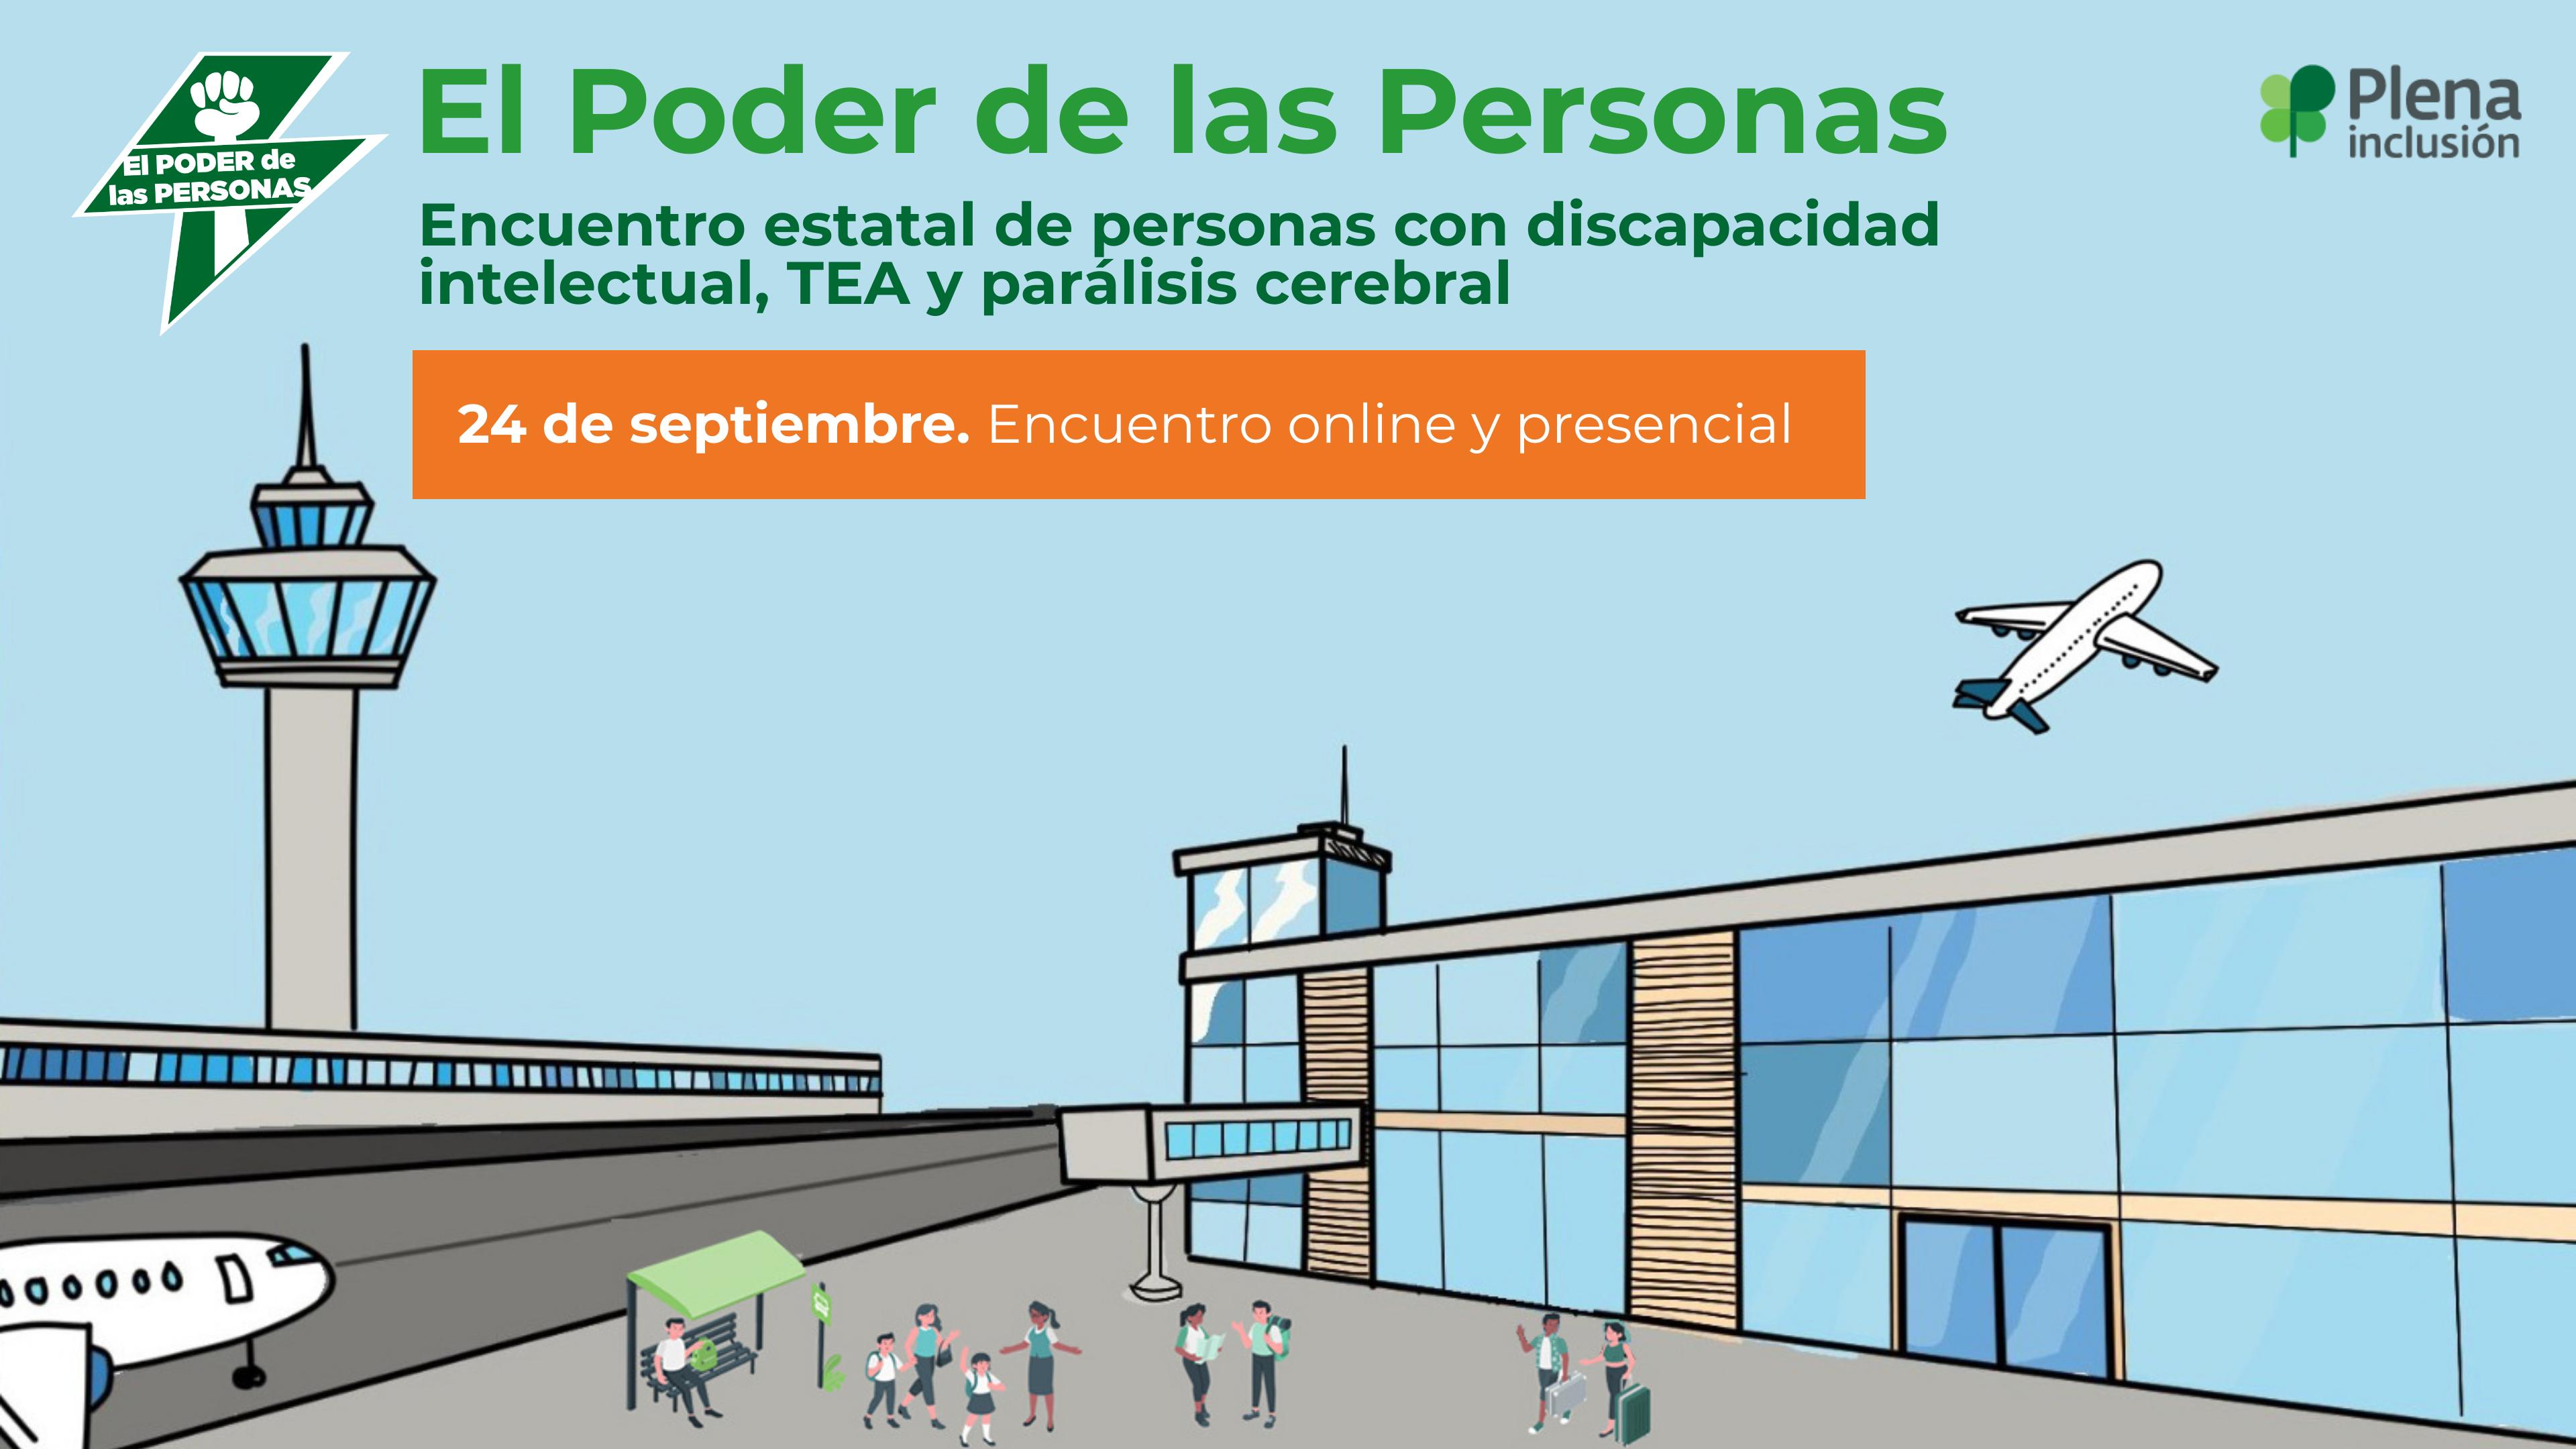 El Poder de las Personas. Encuentro estatal de personas con discapacidad intelectual, TEA y parálisis cerebral. 24 de septiembre. Encuentro online y presencial